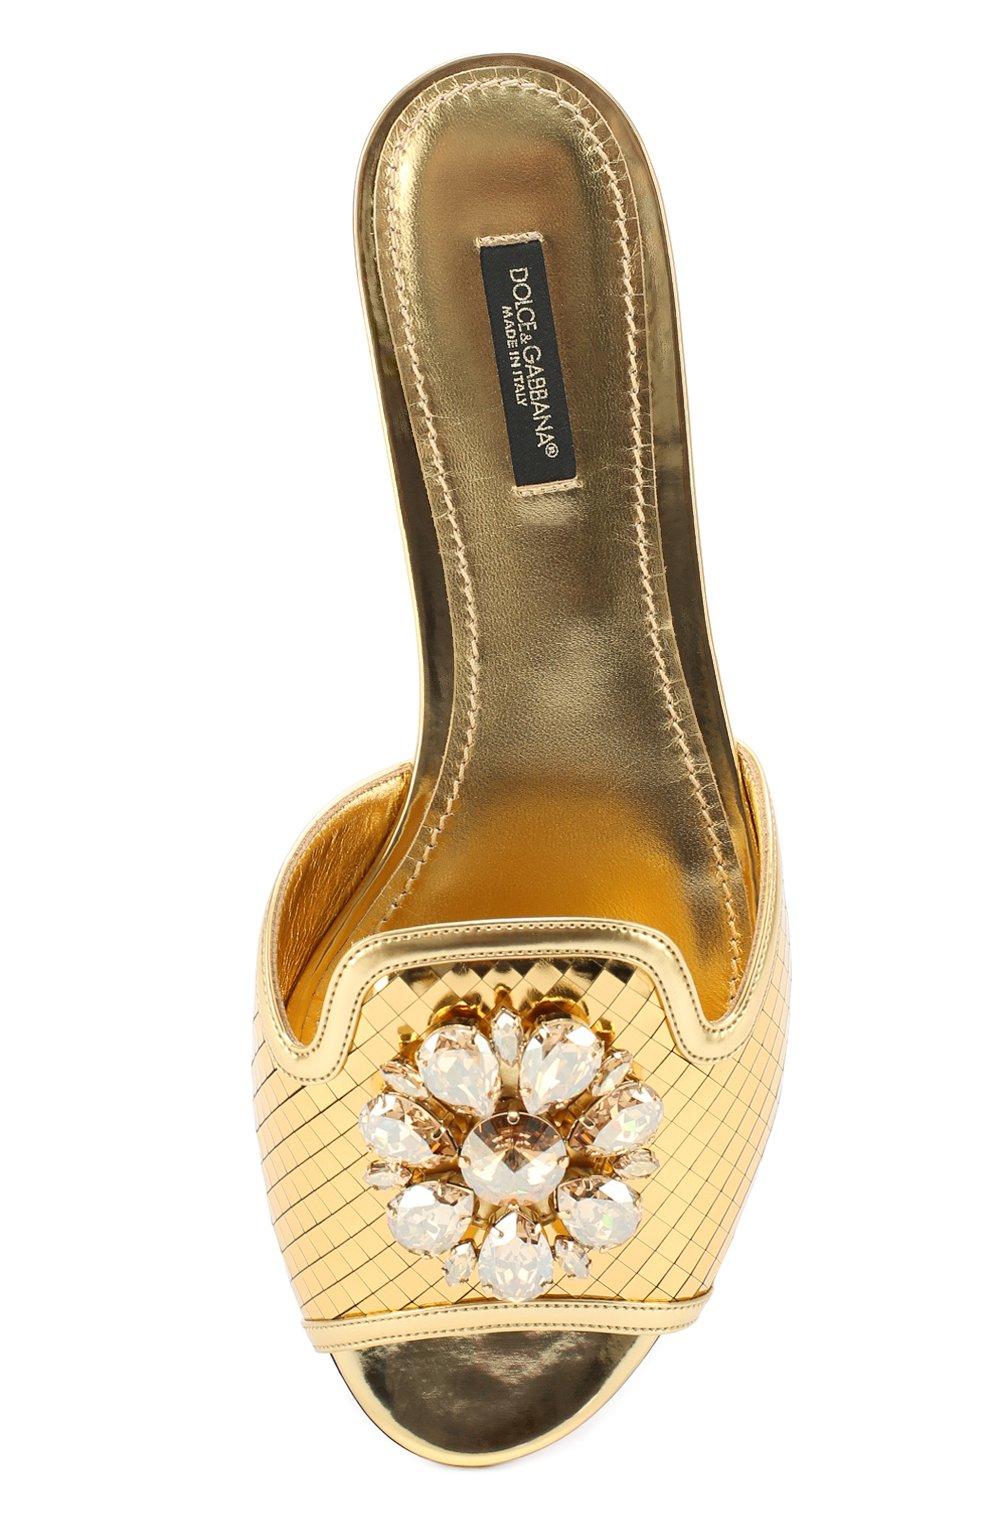 Кружевные шлепанцы Bianca с кристаллами Dolce & Gabbana золотые | Фото №5